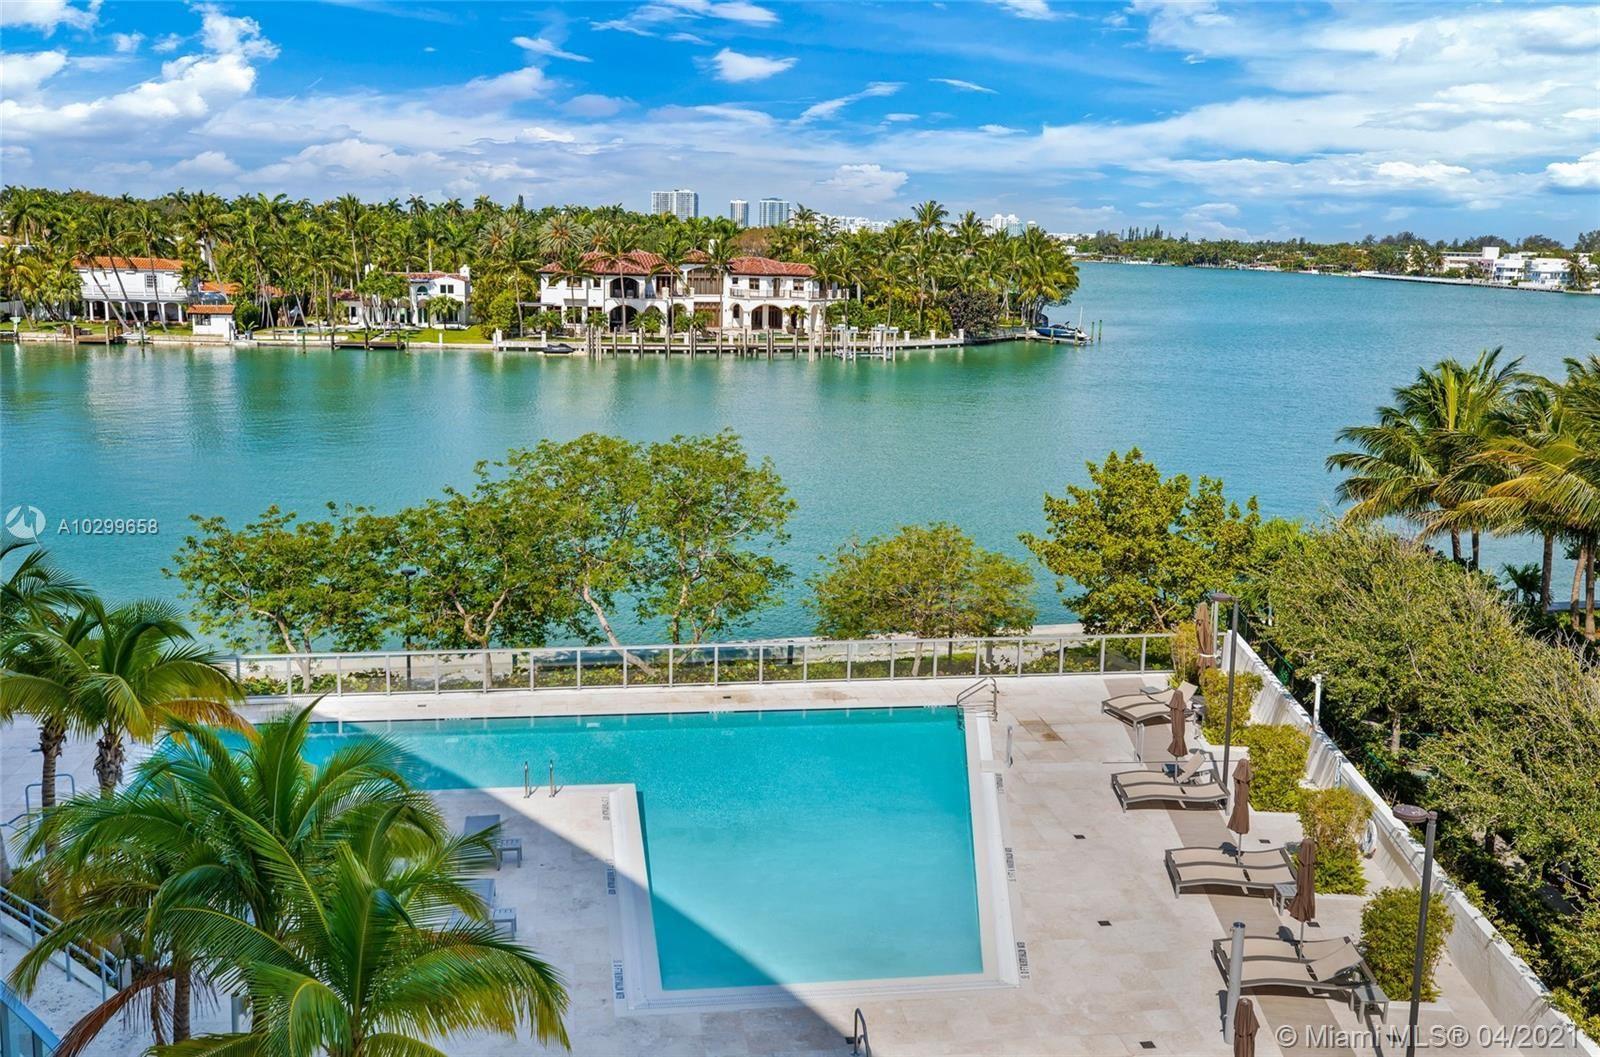 6620 INDIAN CREEK #515, Miami Beach, FL 33141 - #: A10299658